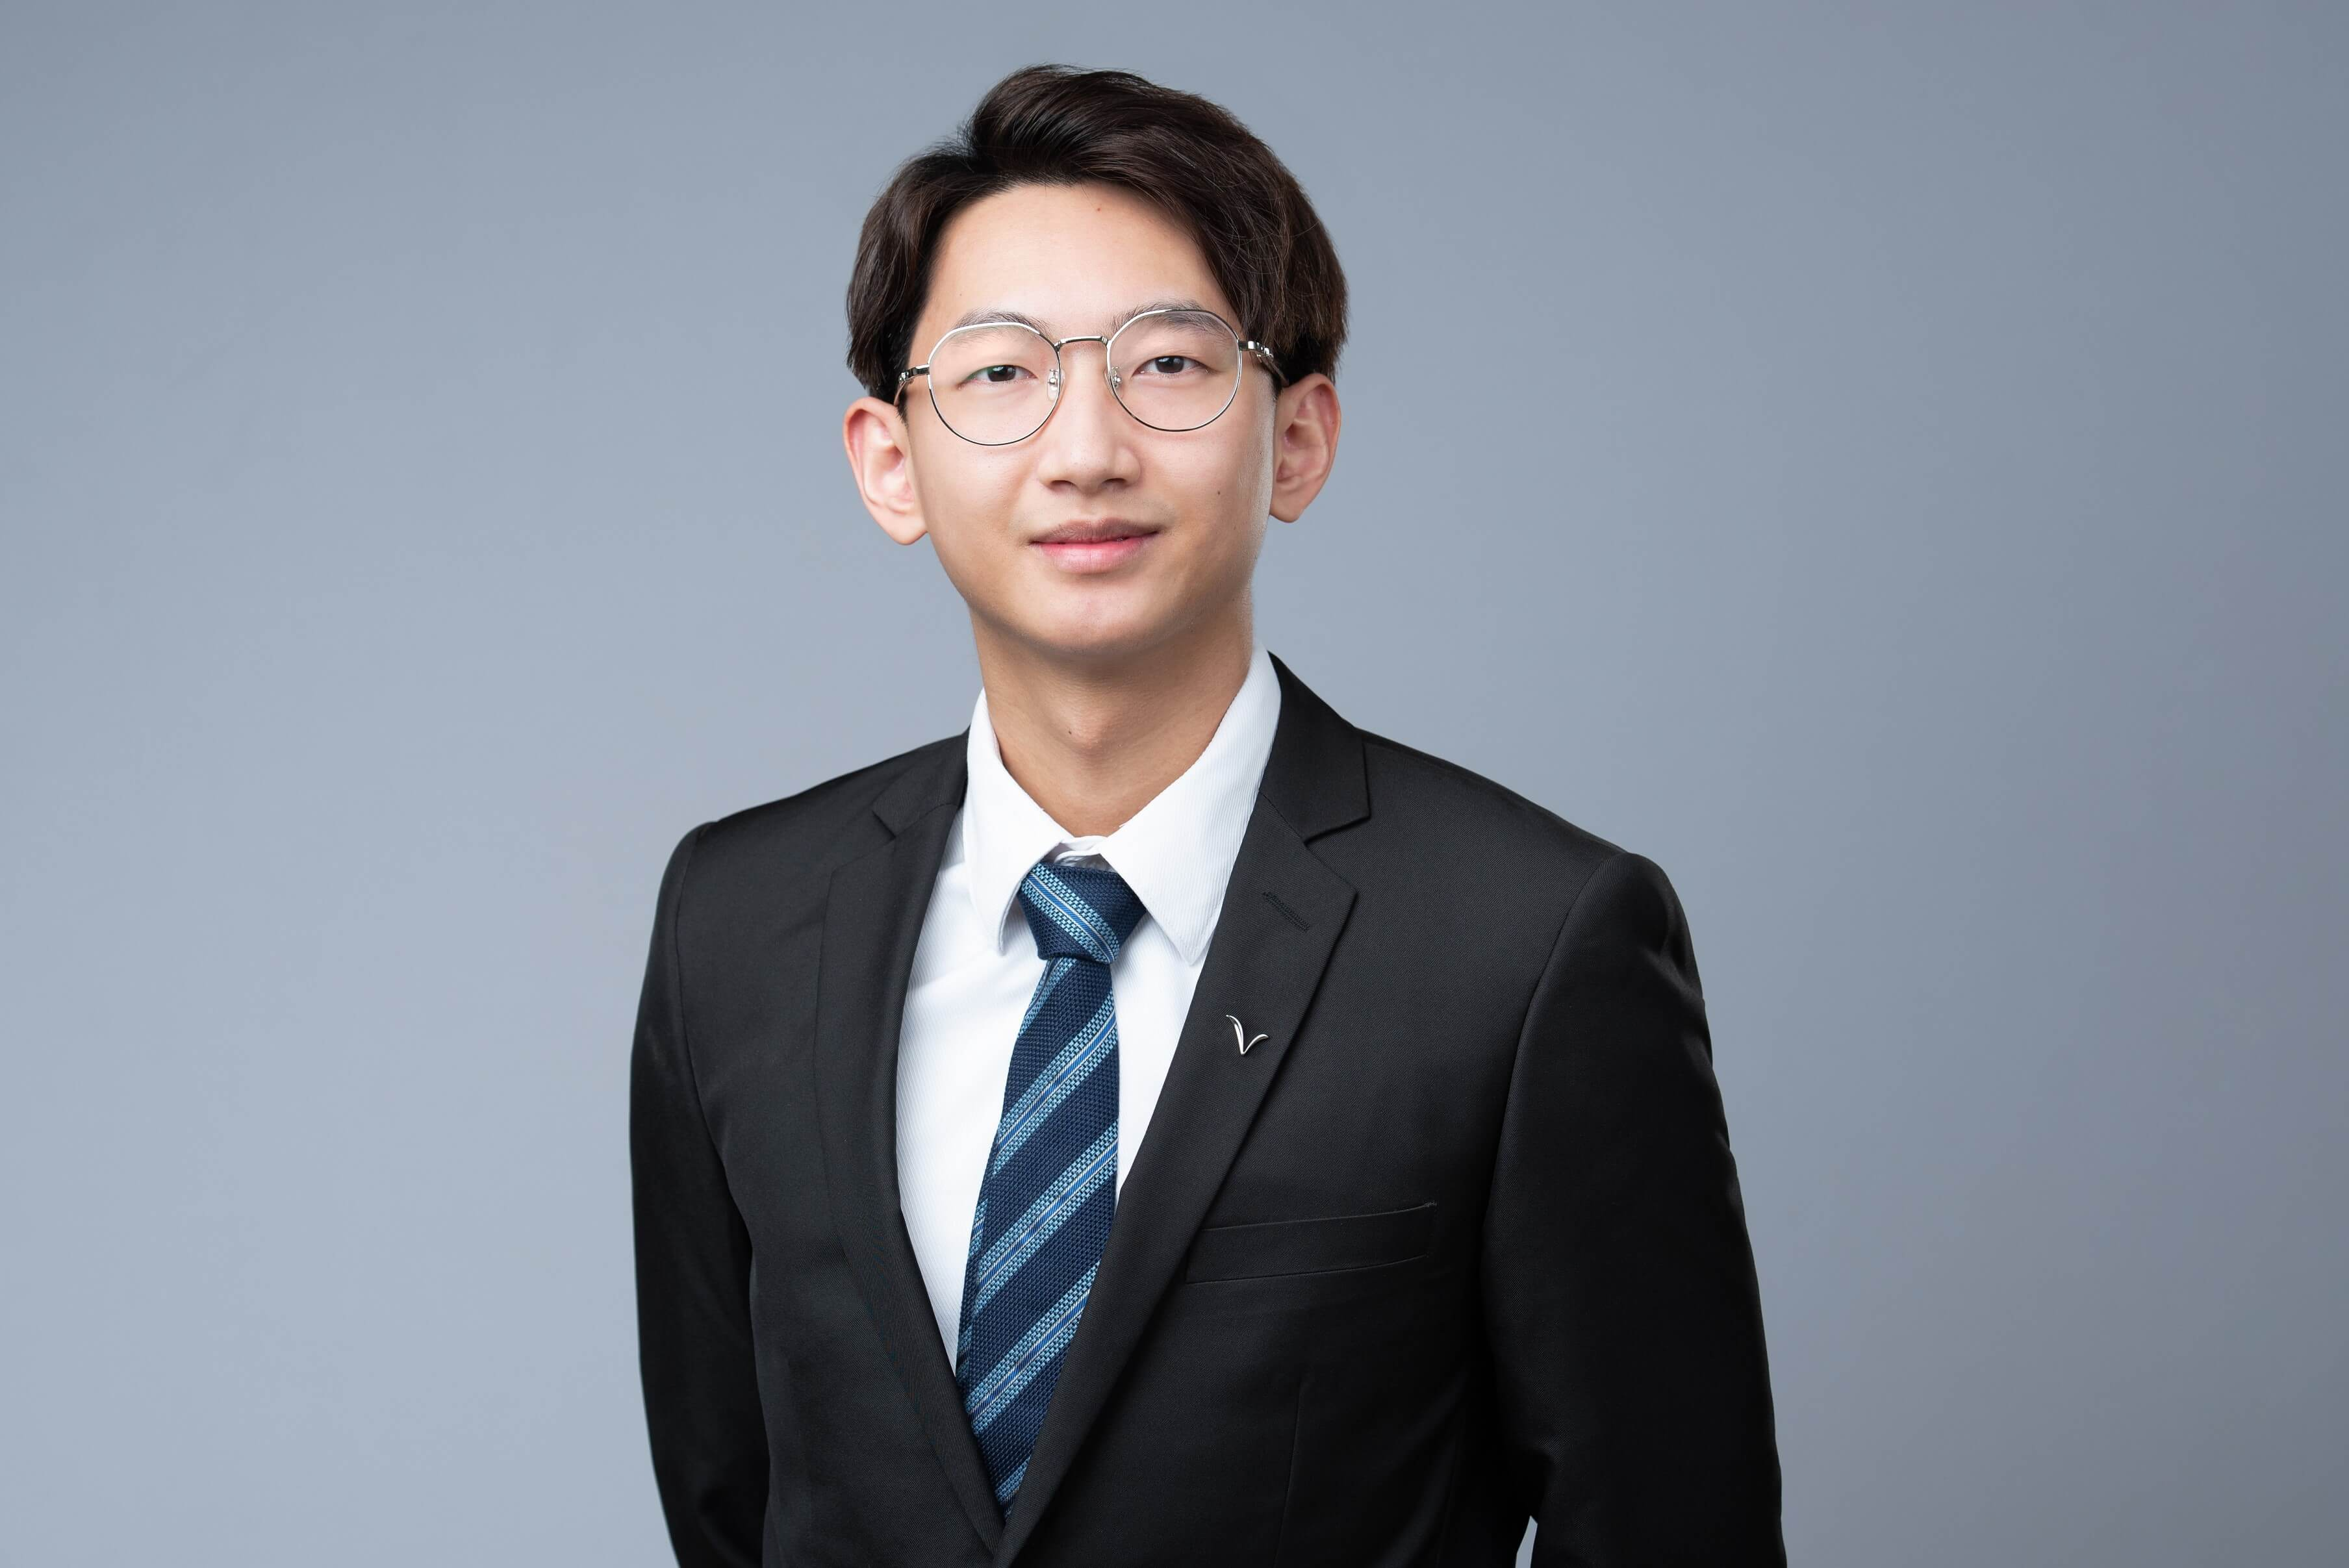 陳偉宏 profile image